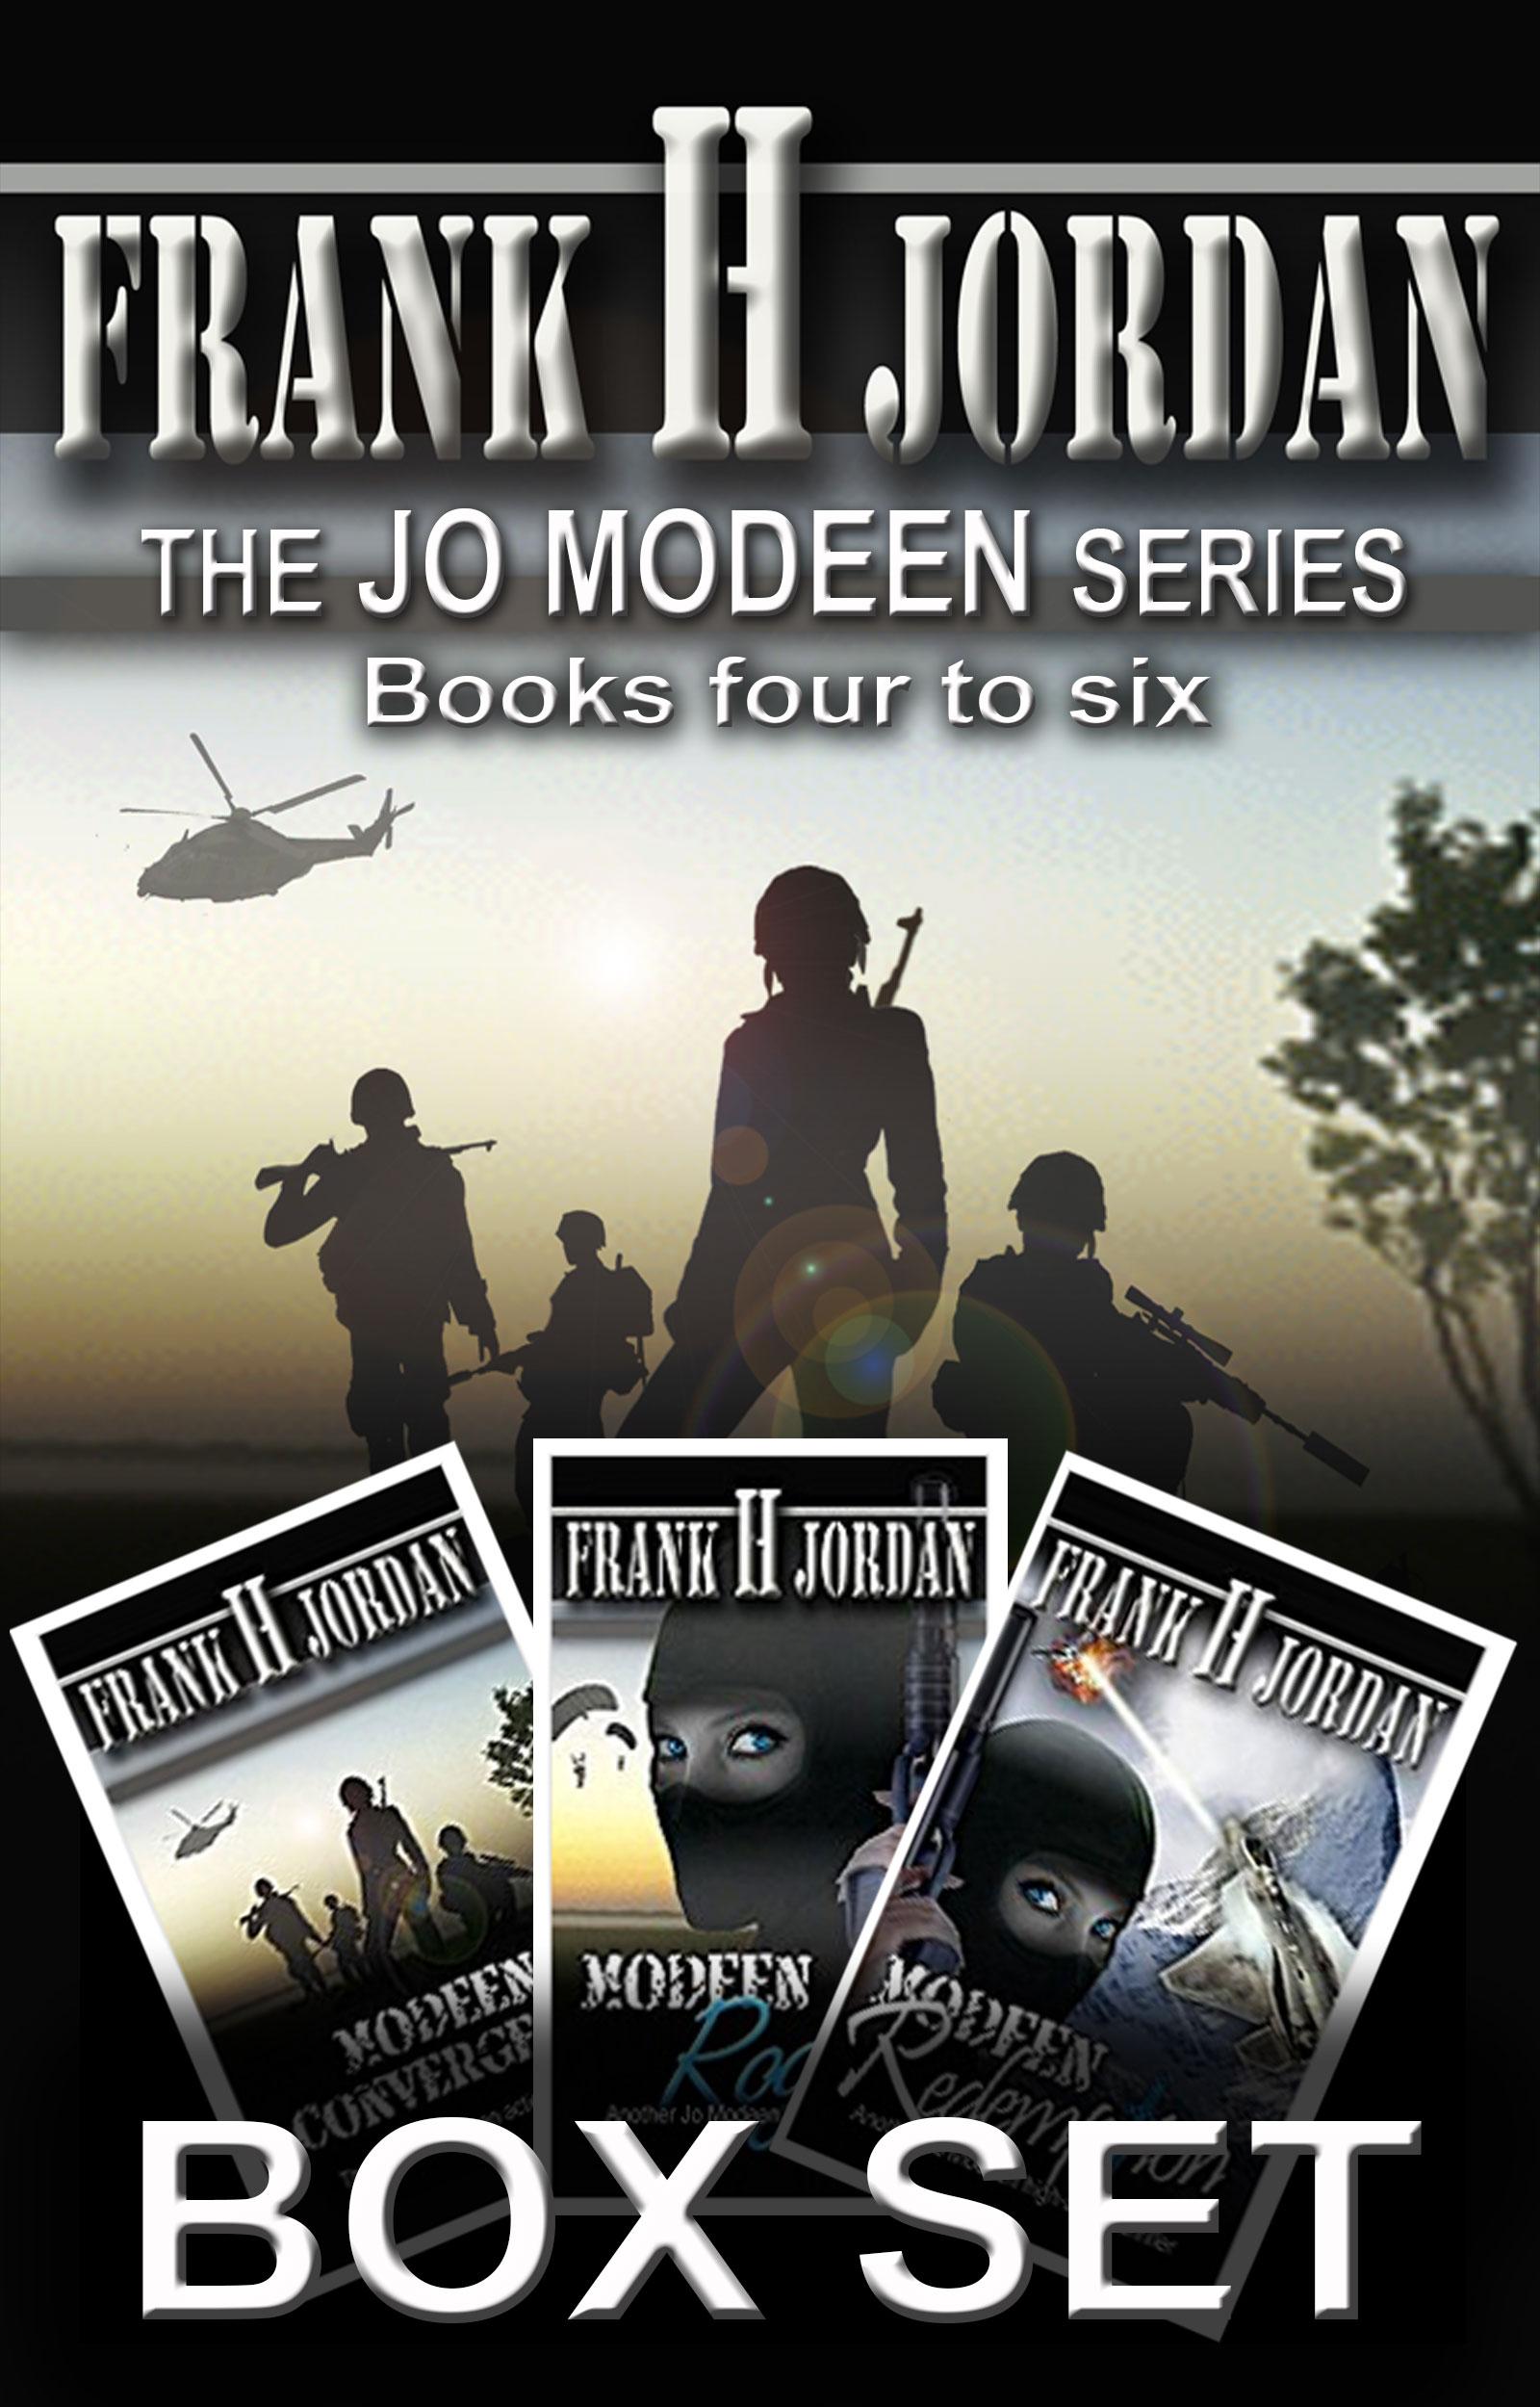 The Jo Modeen Box Set: Books 4 to 6, an Ebook by Frank H Jordan